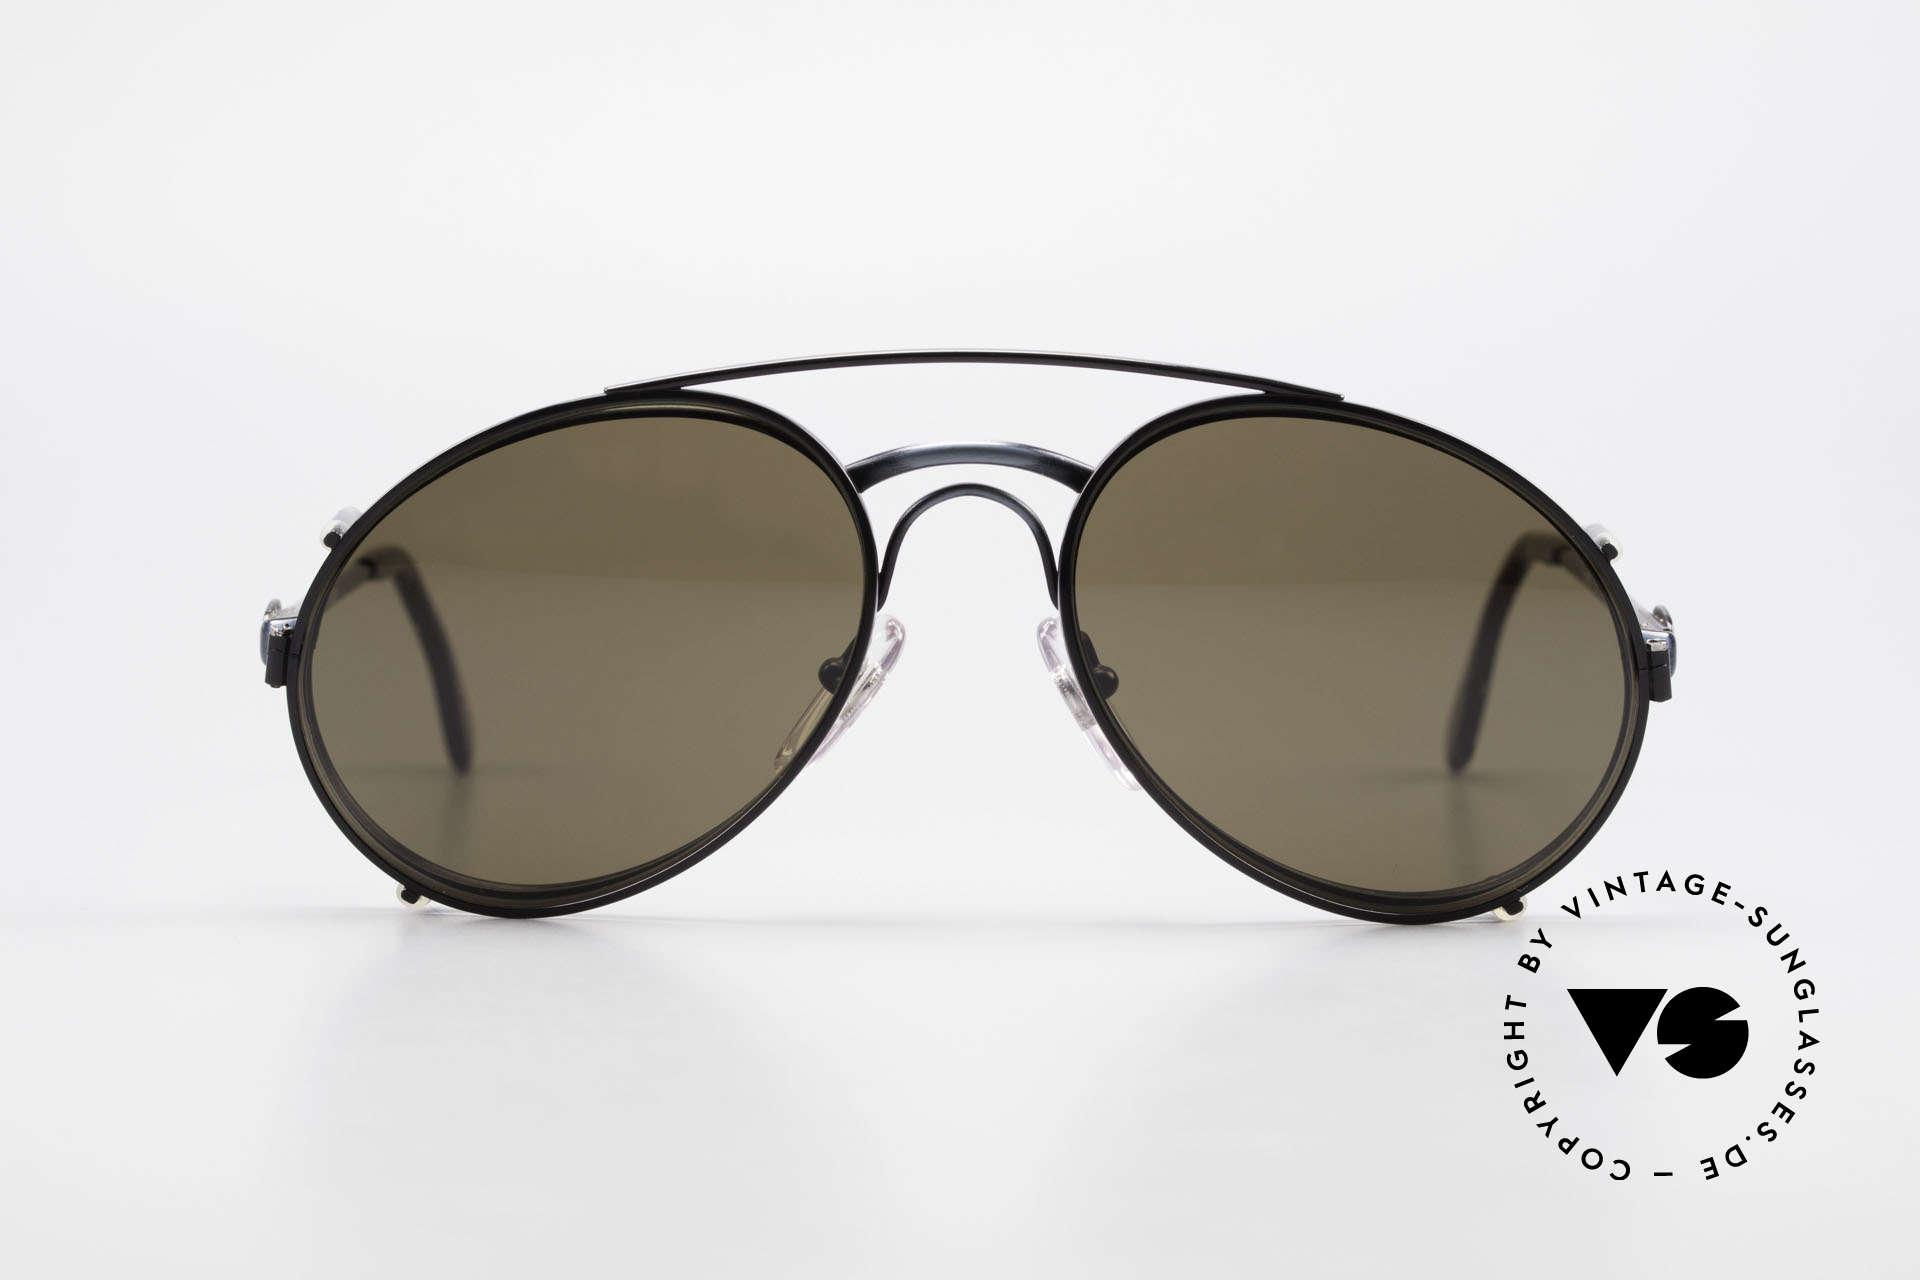 Bugatti 03328 Herrensonnenbrille Clip On, legendäre Bugatti Herren(Tropfen)-Form in Gr. 52mm, Passend für Herren